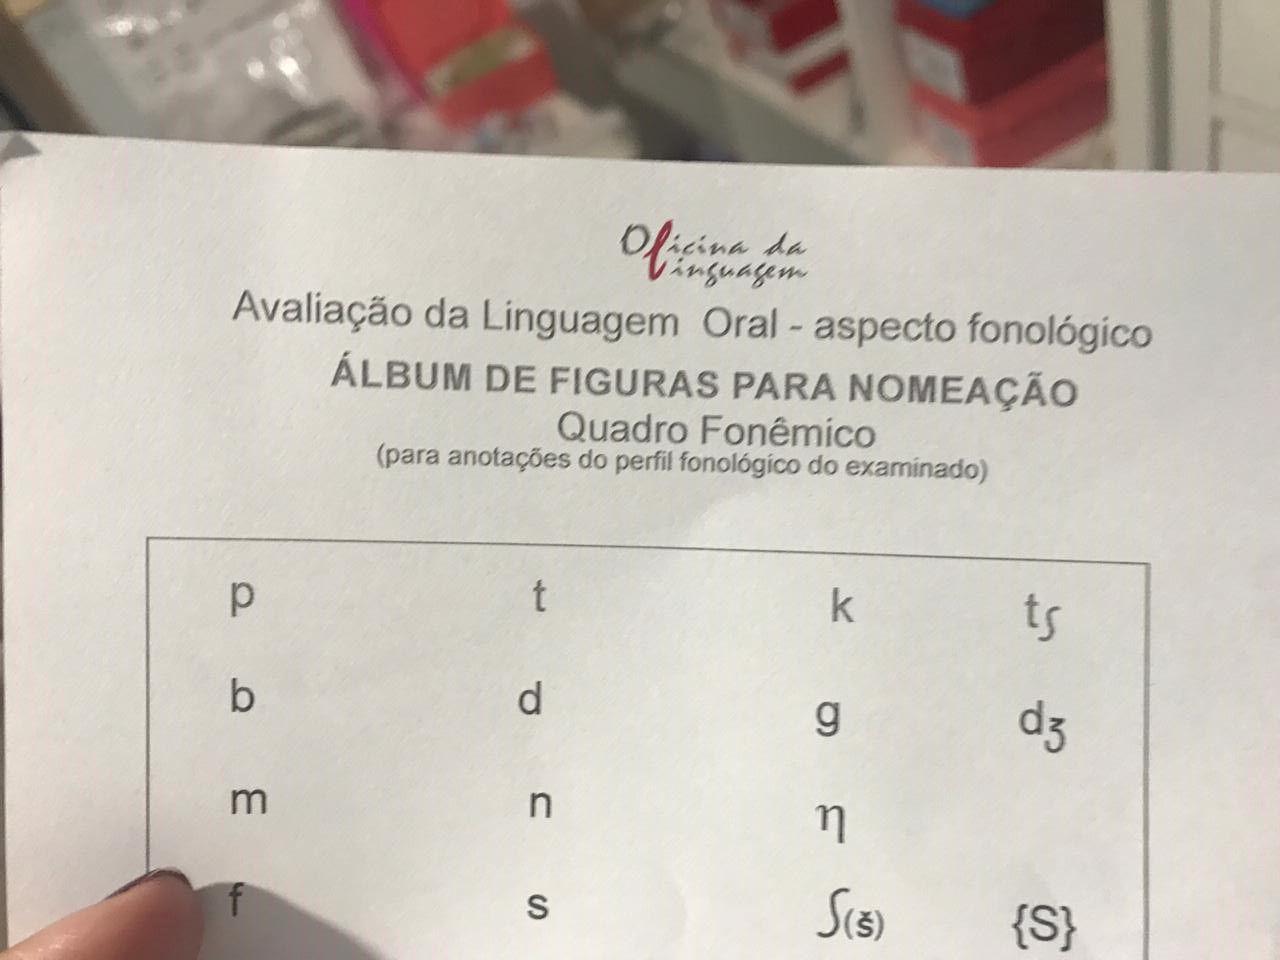 Protocolo de Registro de Avaliação da Linguagem Oral